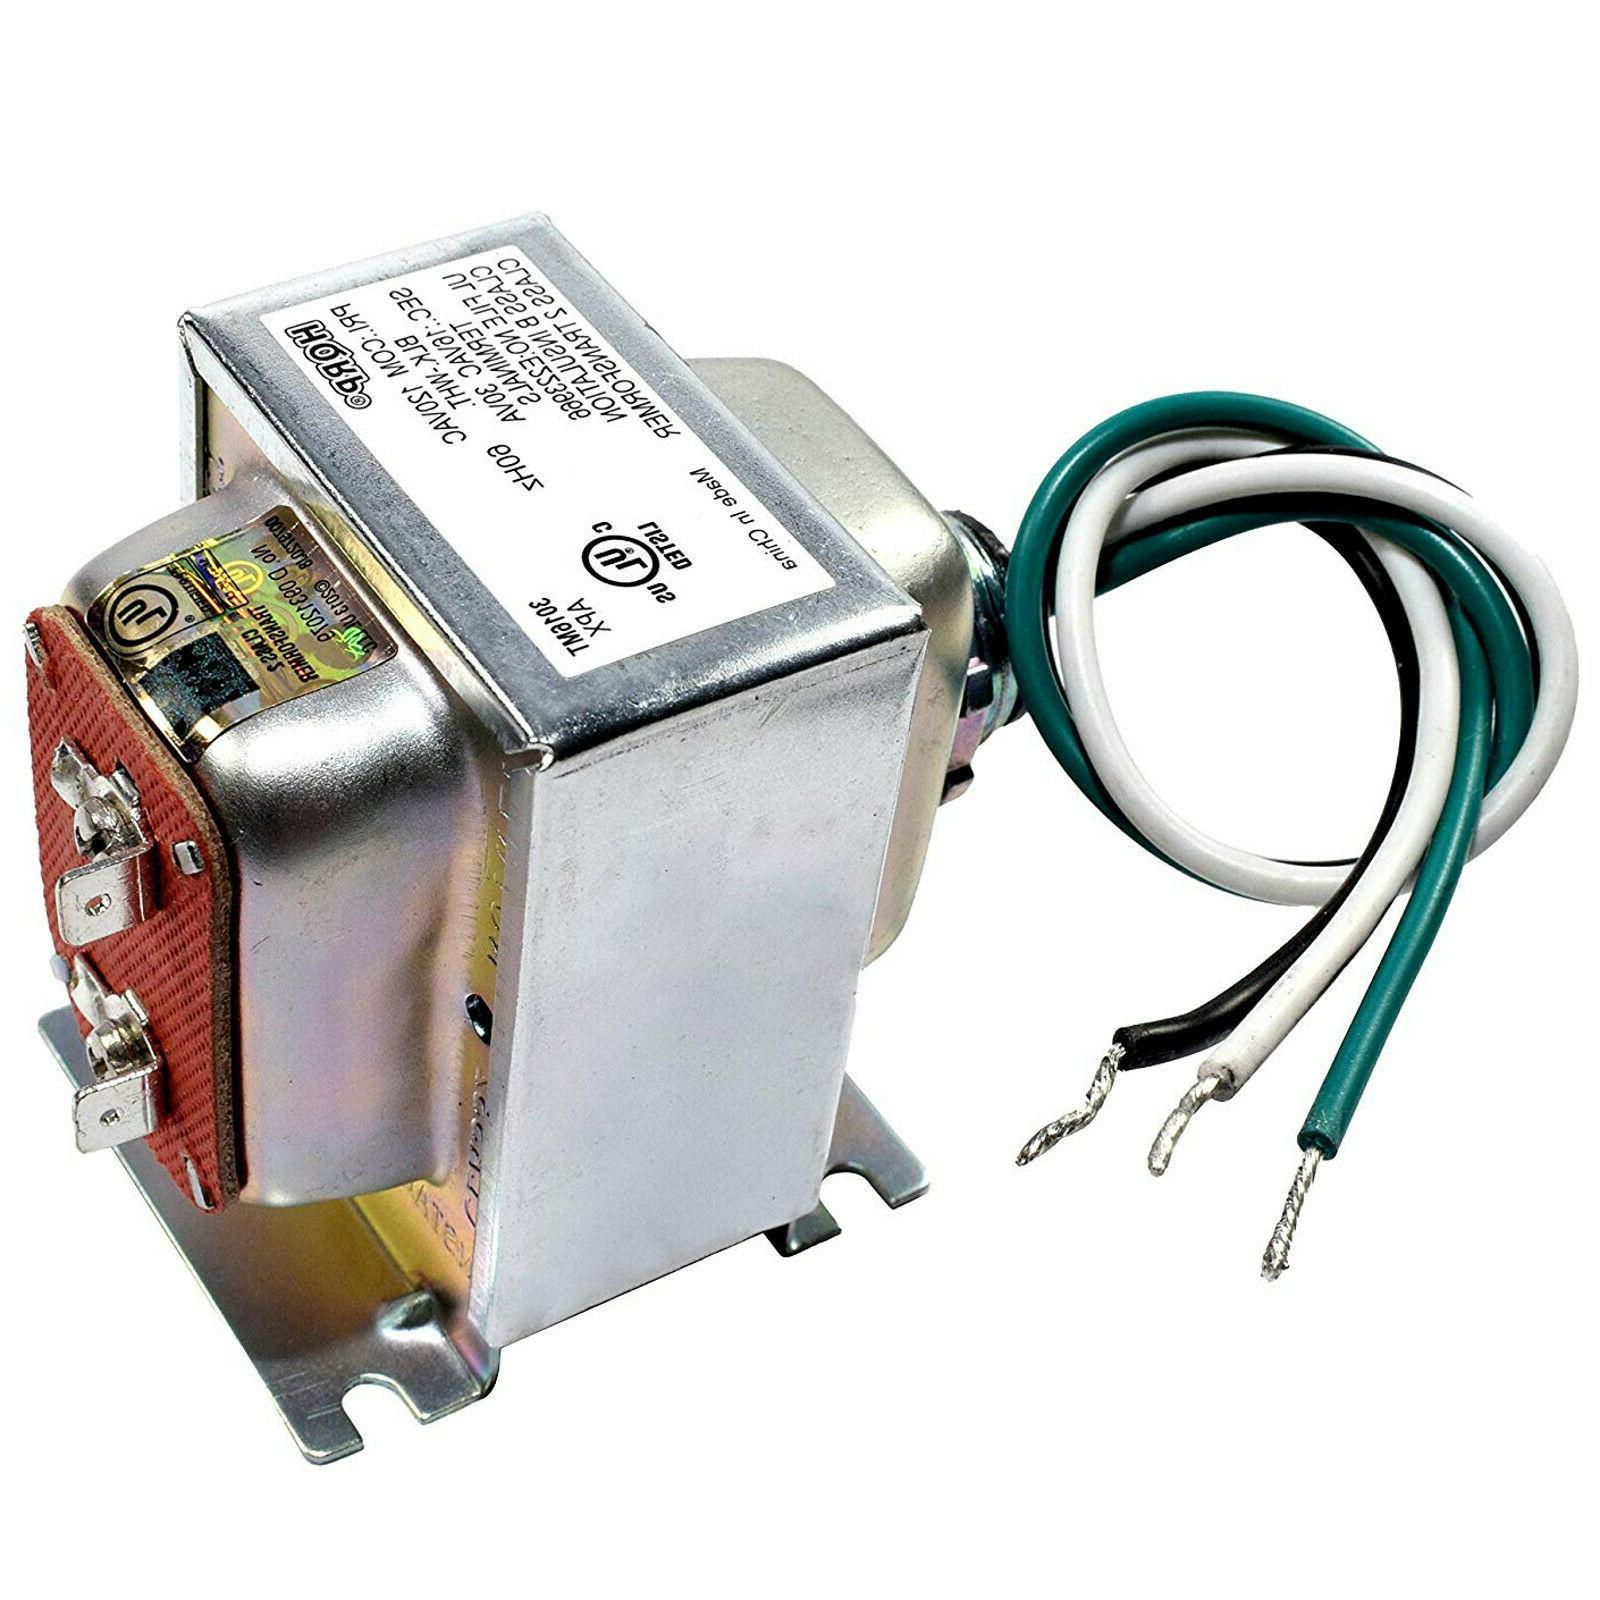 120v 16v 30va transformer for powering multiple